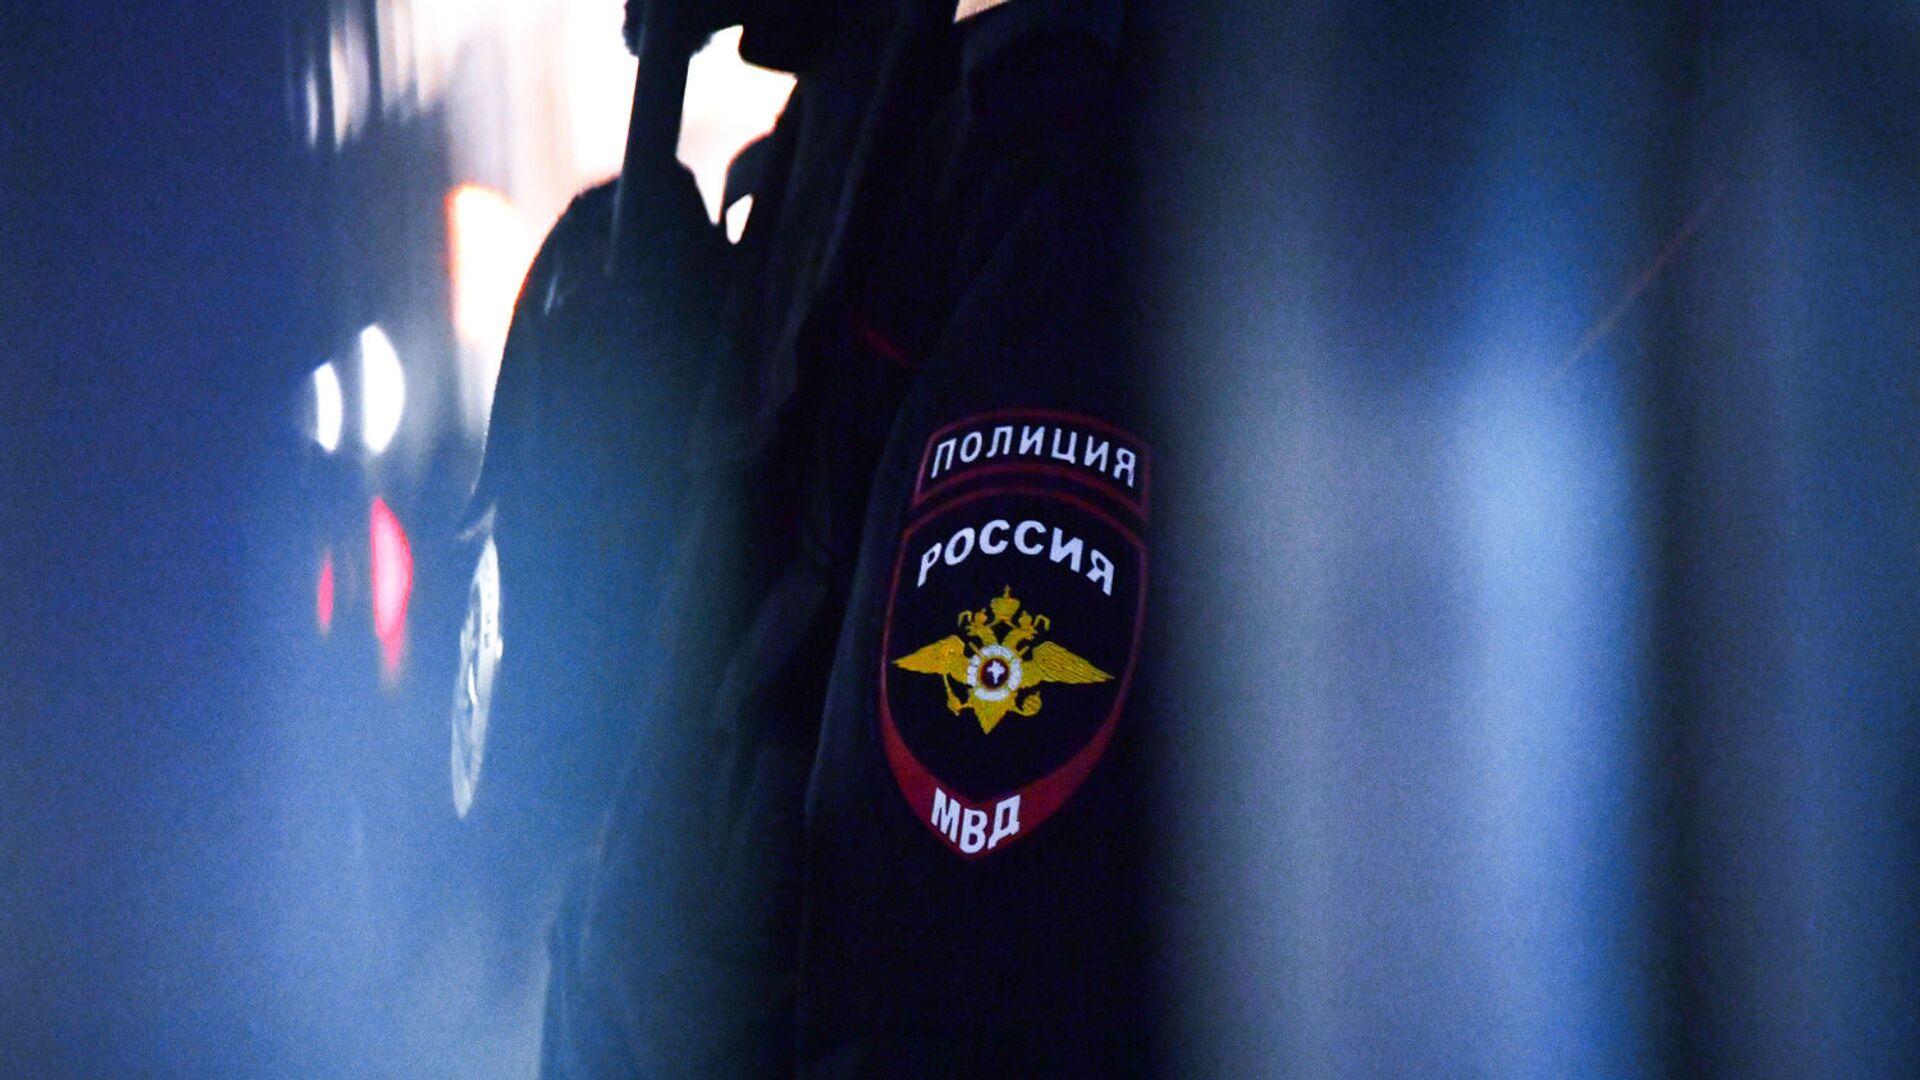 Сотрудник полиции - РИА Новости, 1920, 07.10.2021